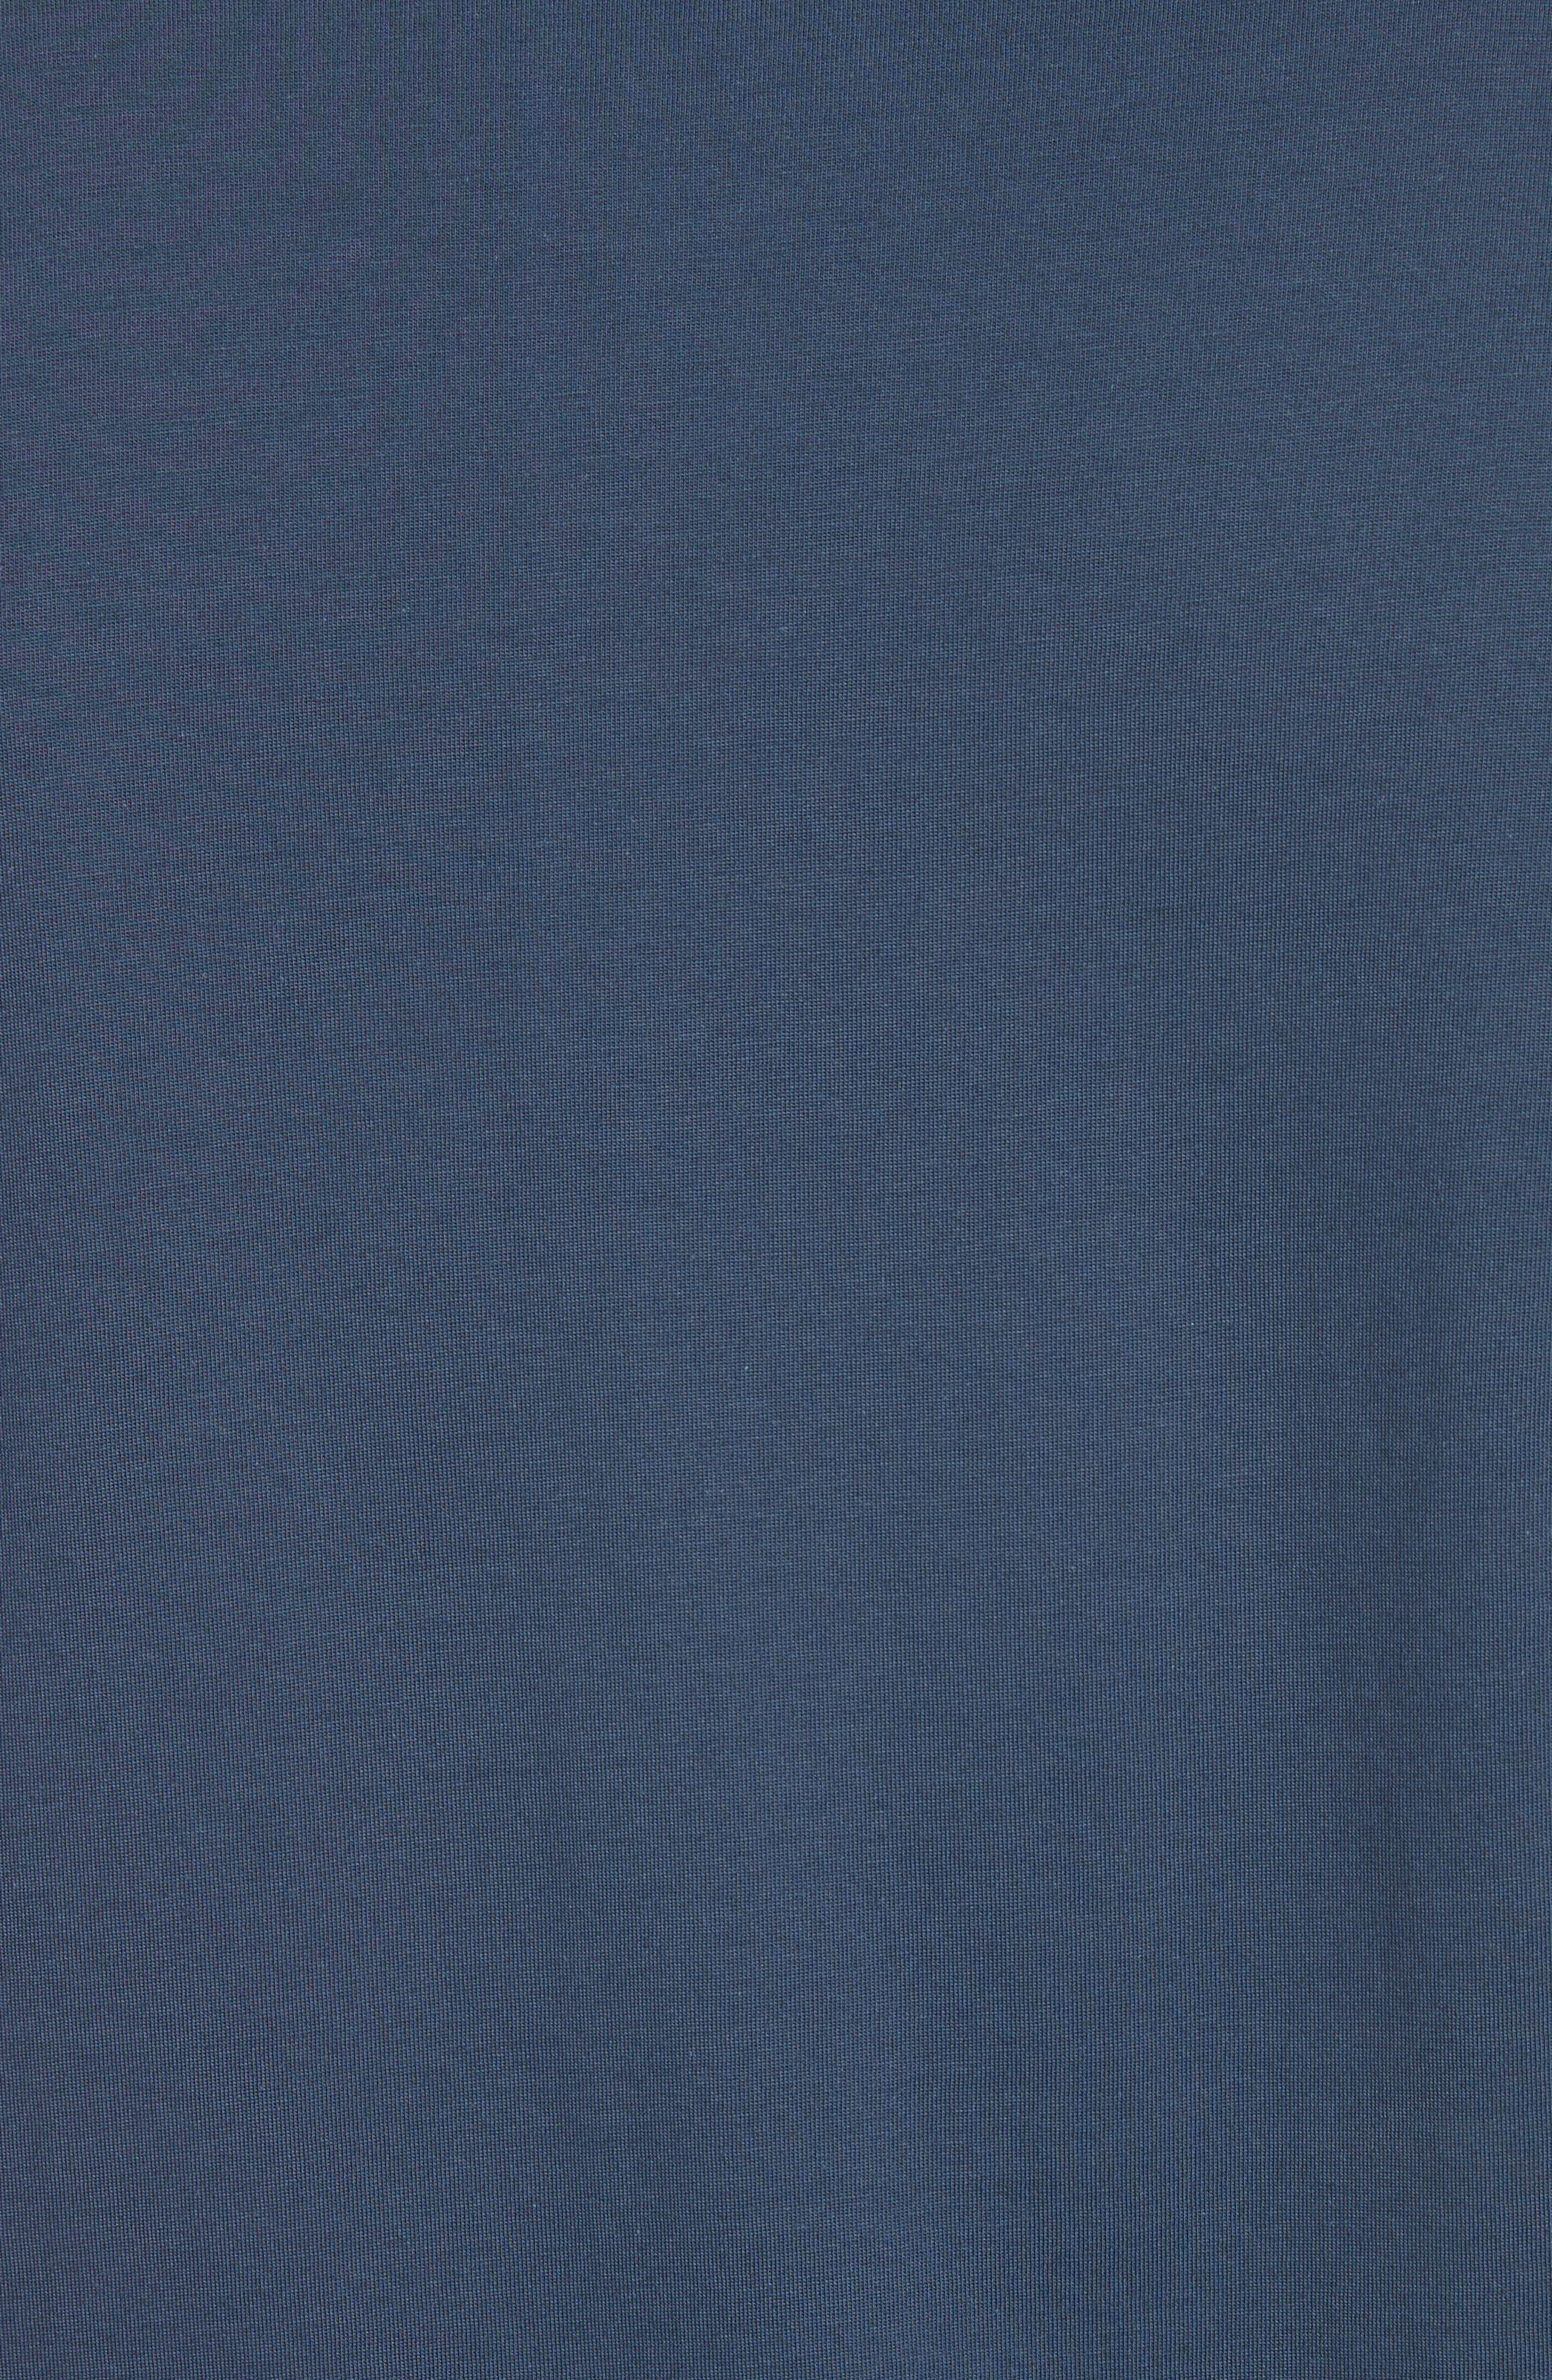 Colorblock Crewneck T-Shirt,                             Alternate thumbnail 5, color,                             Bluette